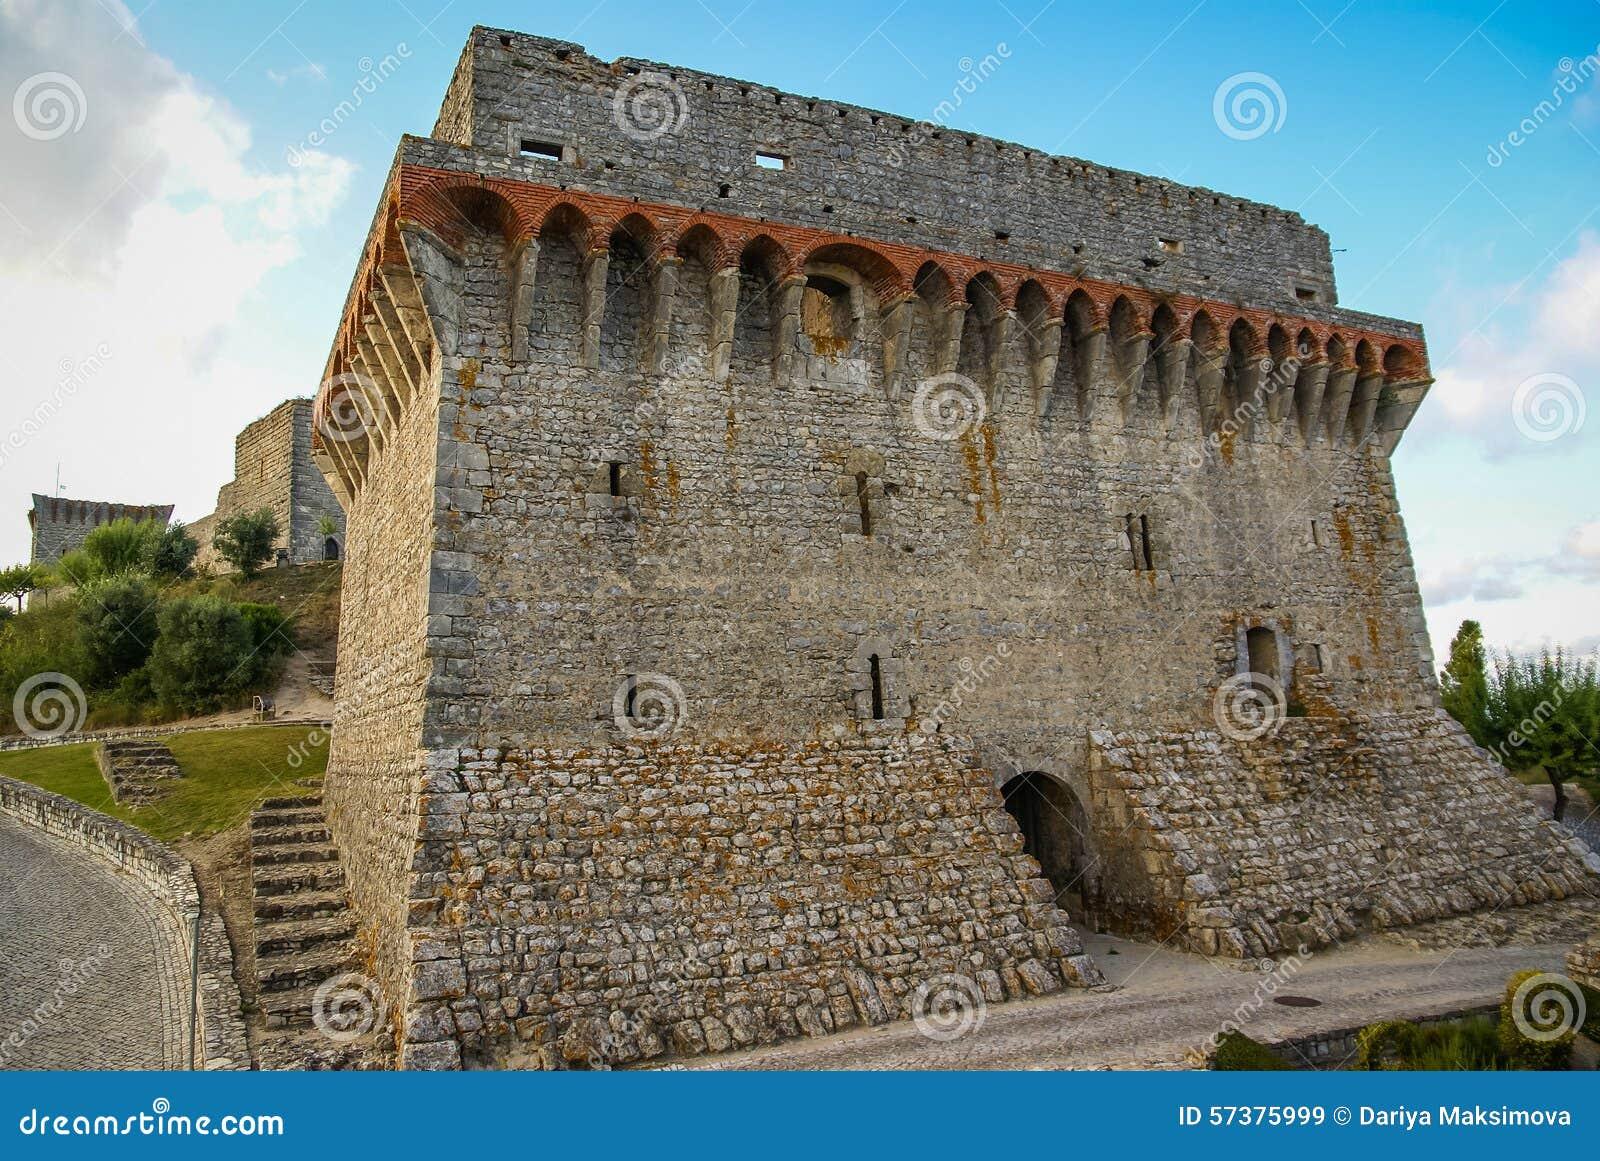 Ruines van een oud kasteel in Ourem, Portugal